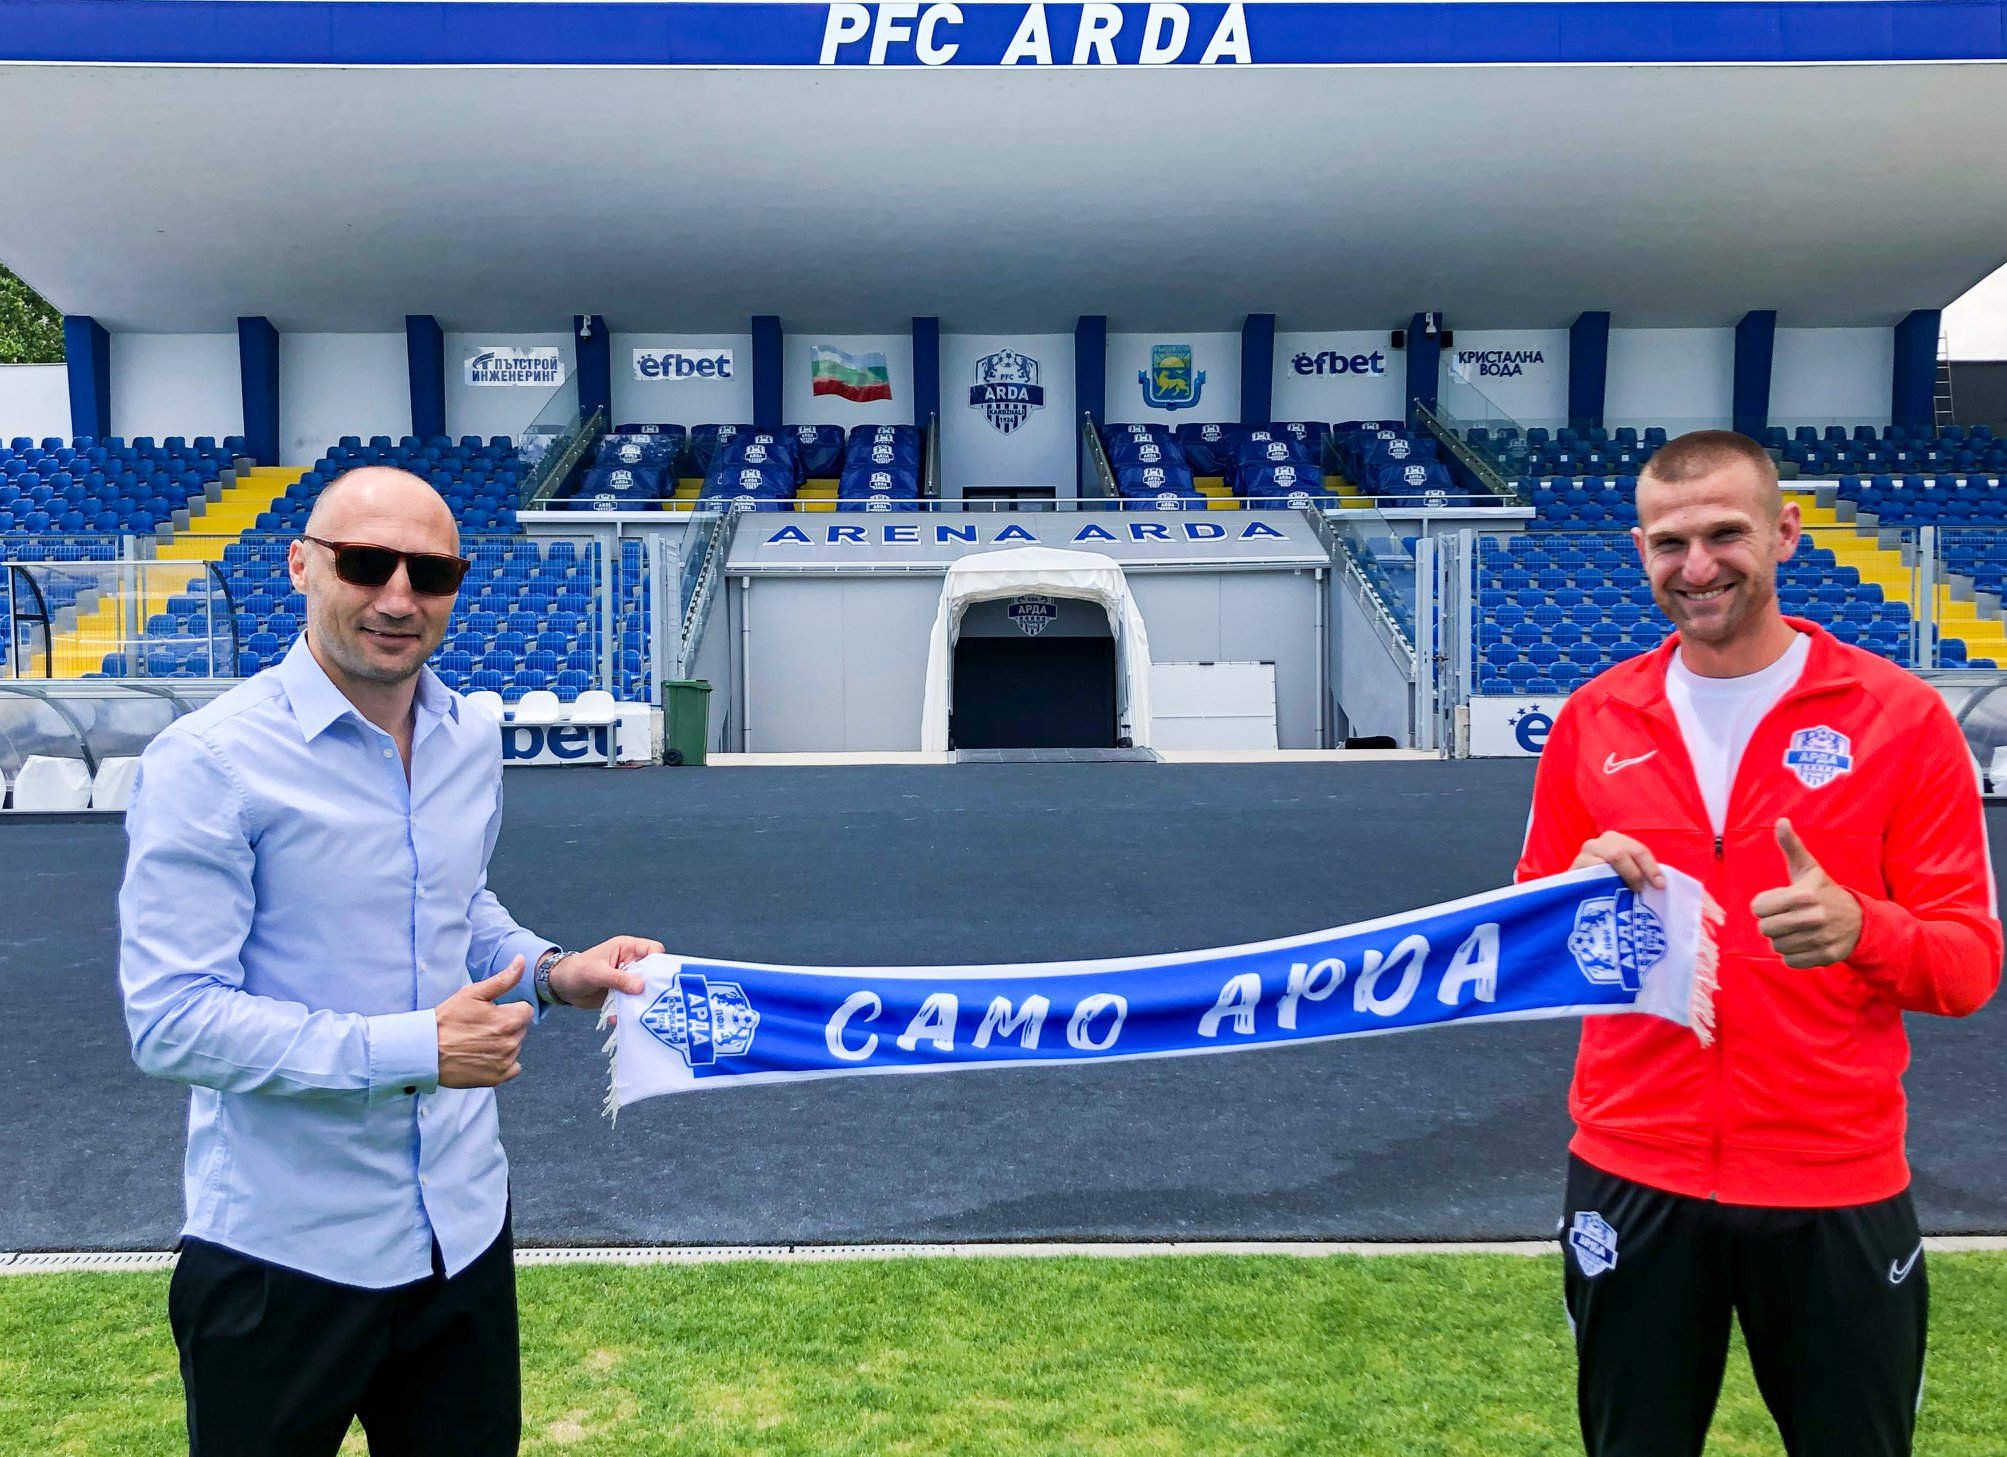 Milen Jelev Signed For PFC Arda